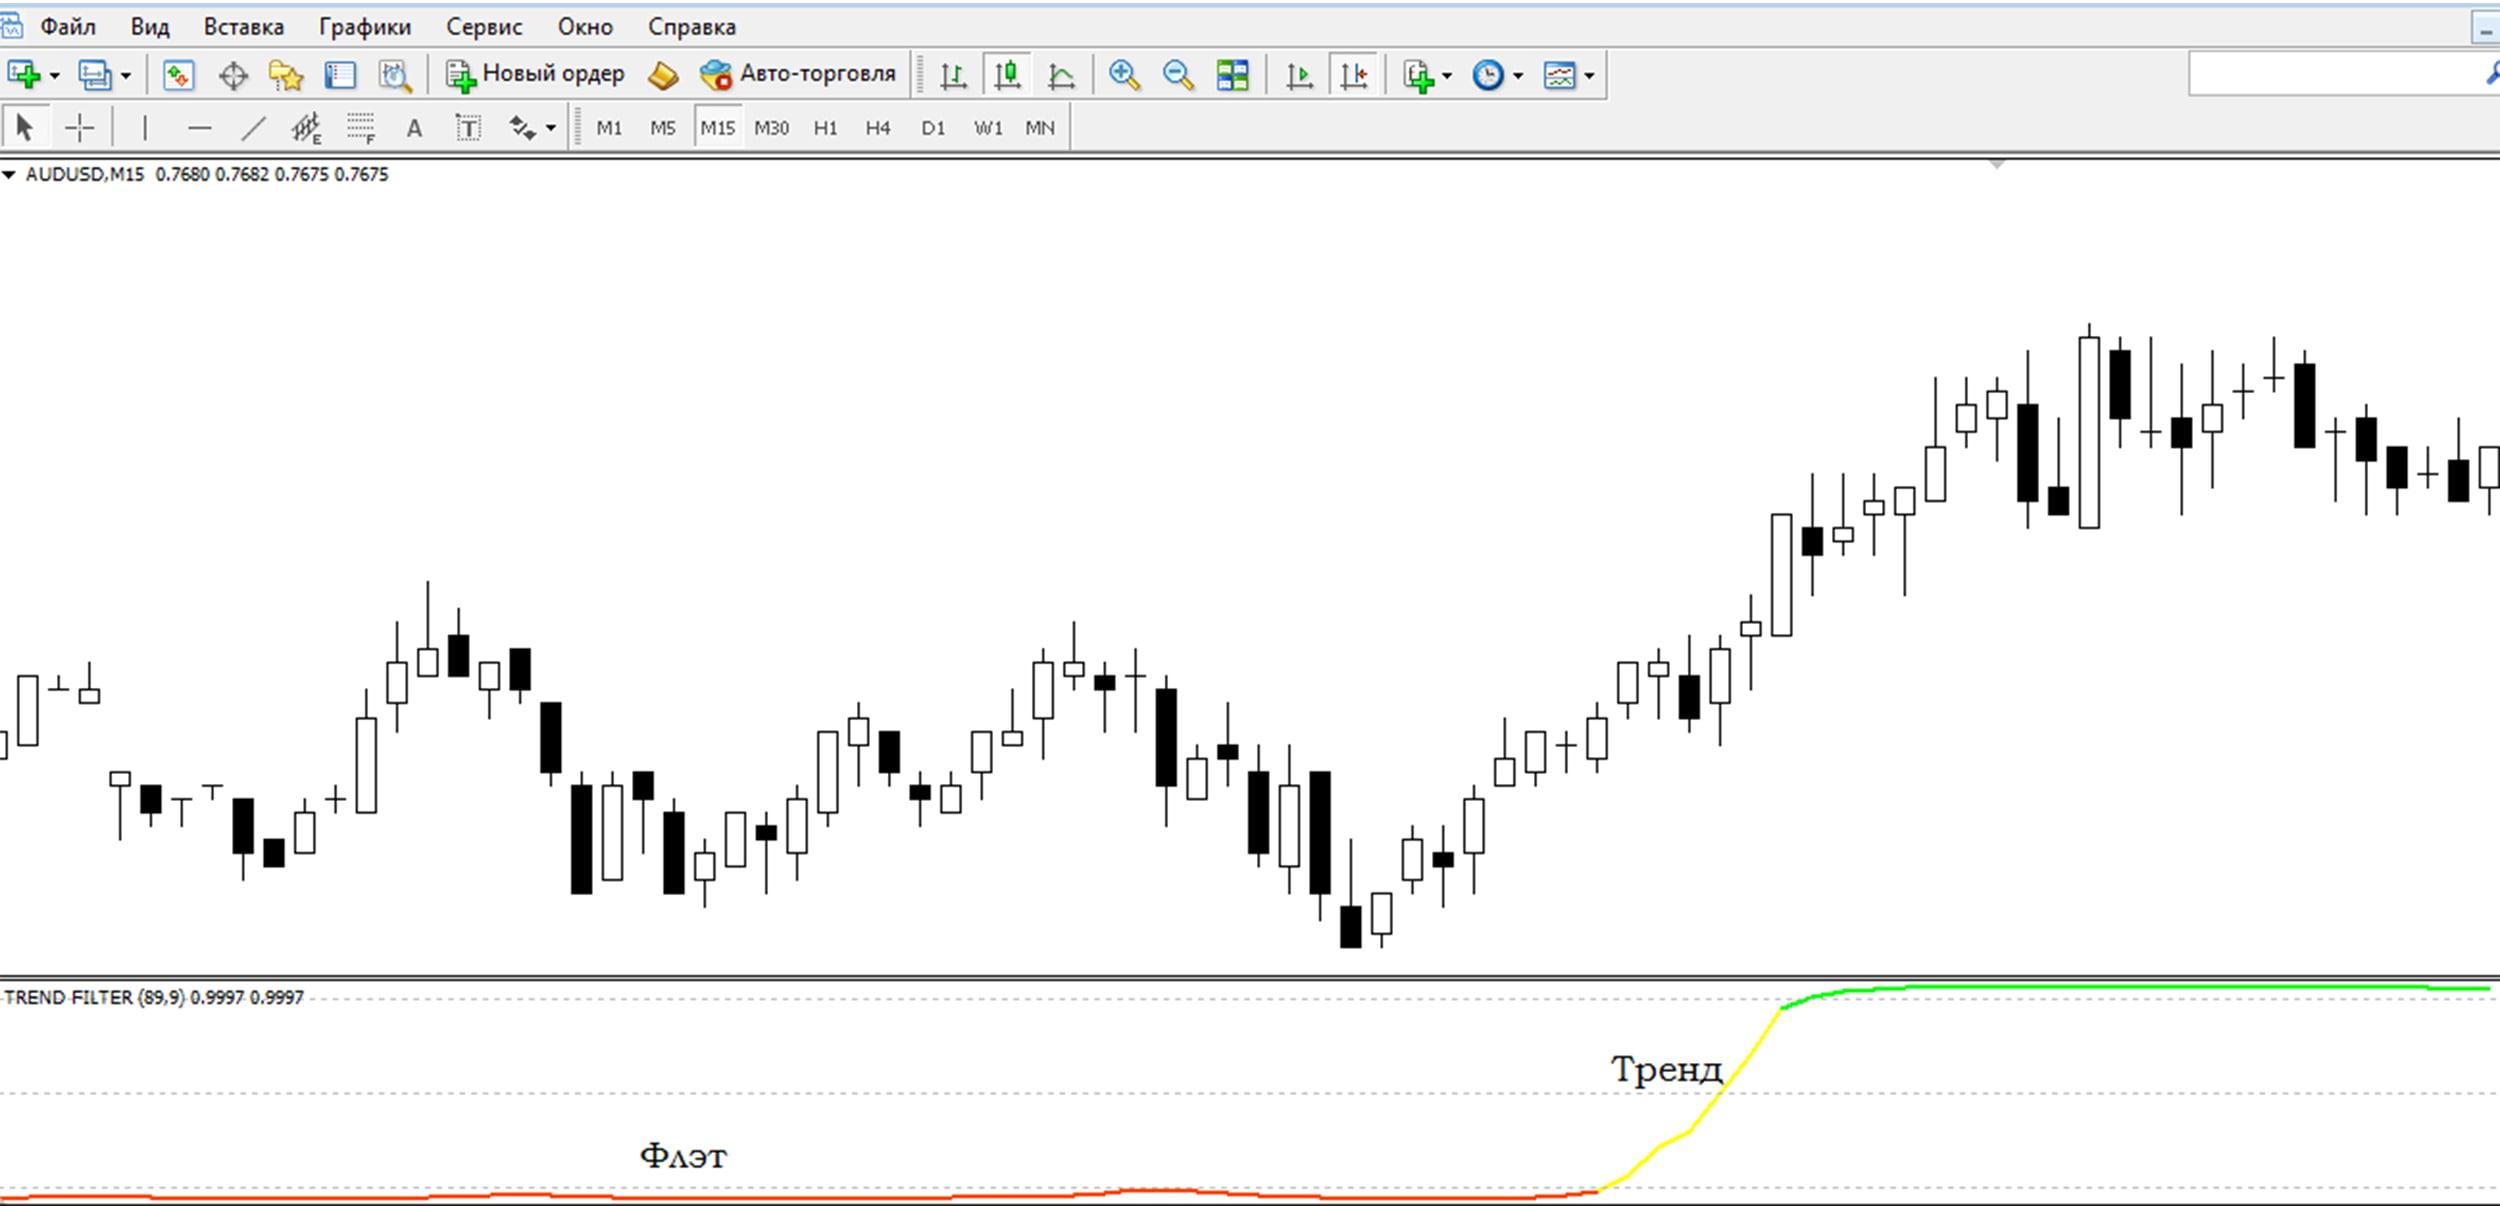 индикатор Trend Filter для платформы Metatrader 4